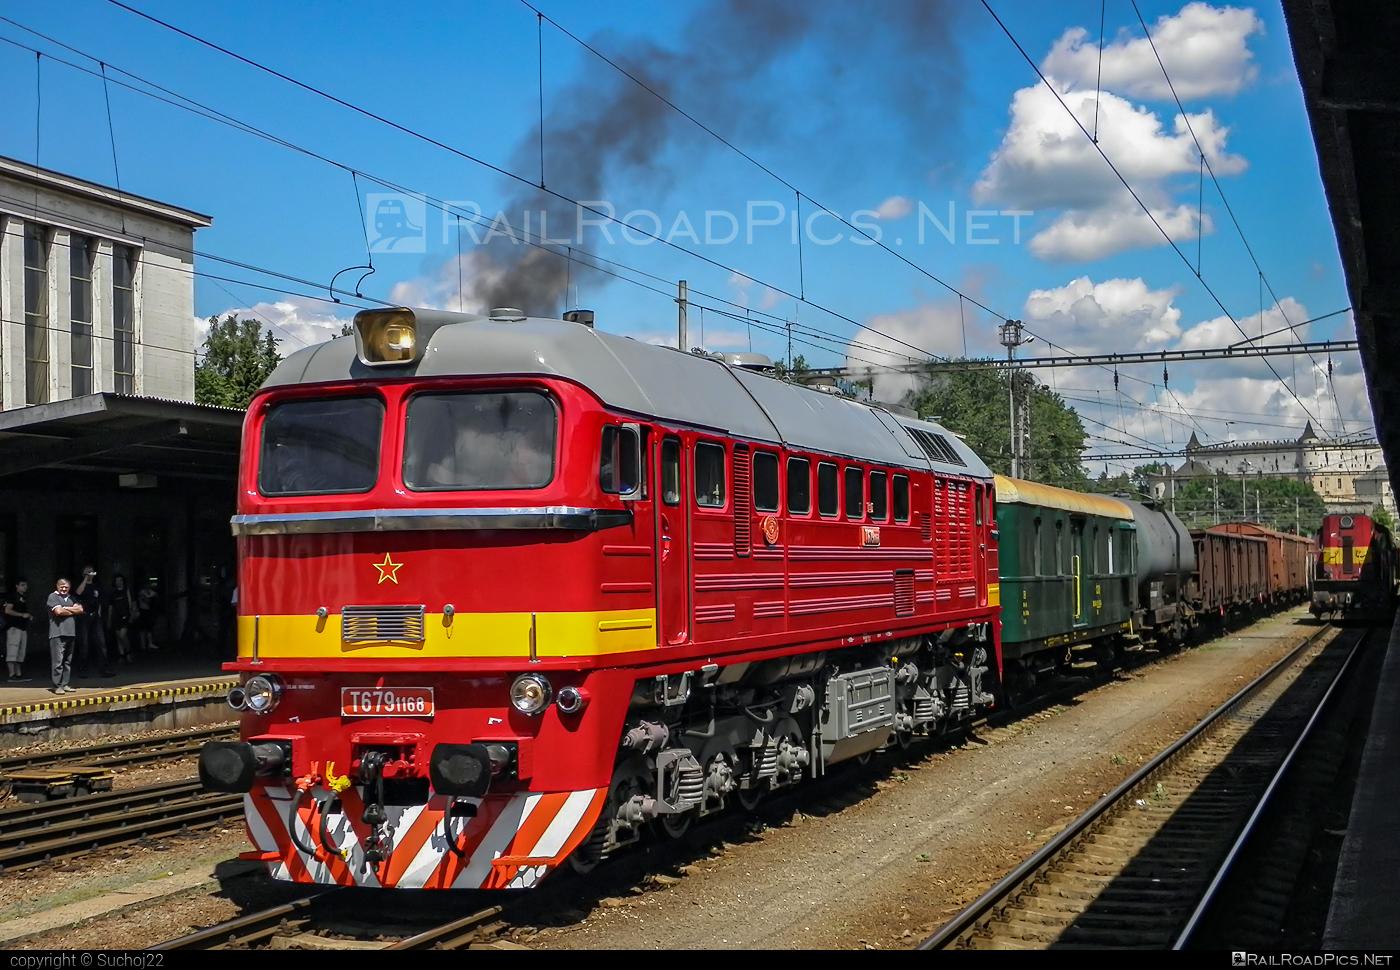 Lugansk M62 - T679.1168 operated by Železnice Slovenskej Republiky #csd #locomotivem62 #ltz #ltzm62 #lugansk #luganskteplovoz #luhansklocomotiveworks #luhanskm62 #luhanskteplovoz #m62 #m62locomotive #sergei #zelezniceslovenskejrepubliky #zsr